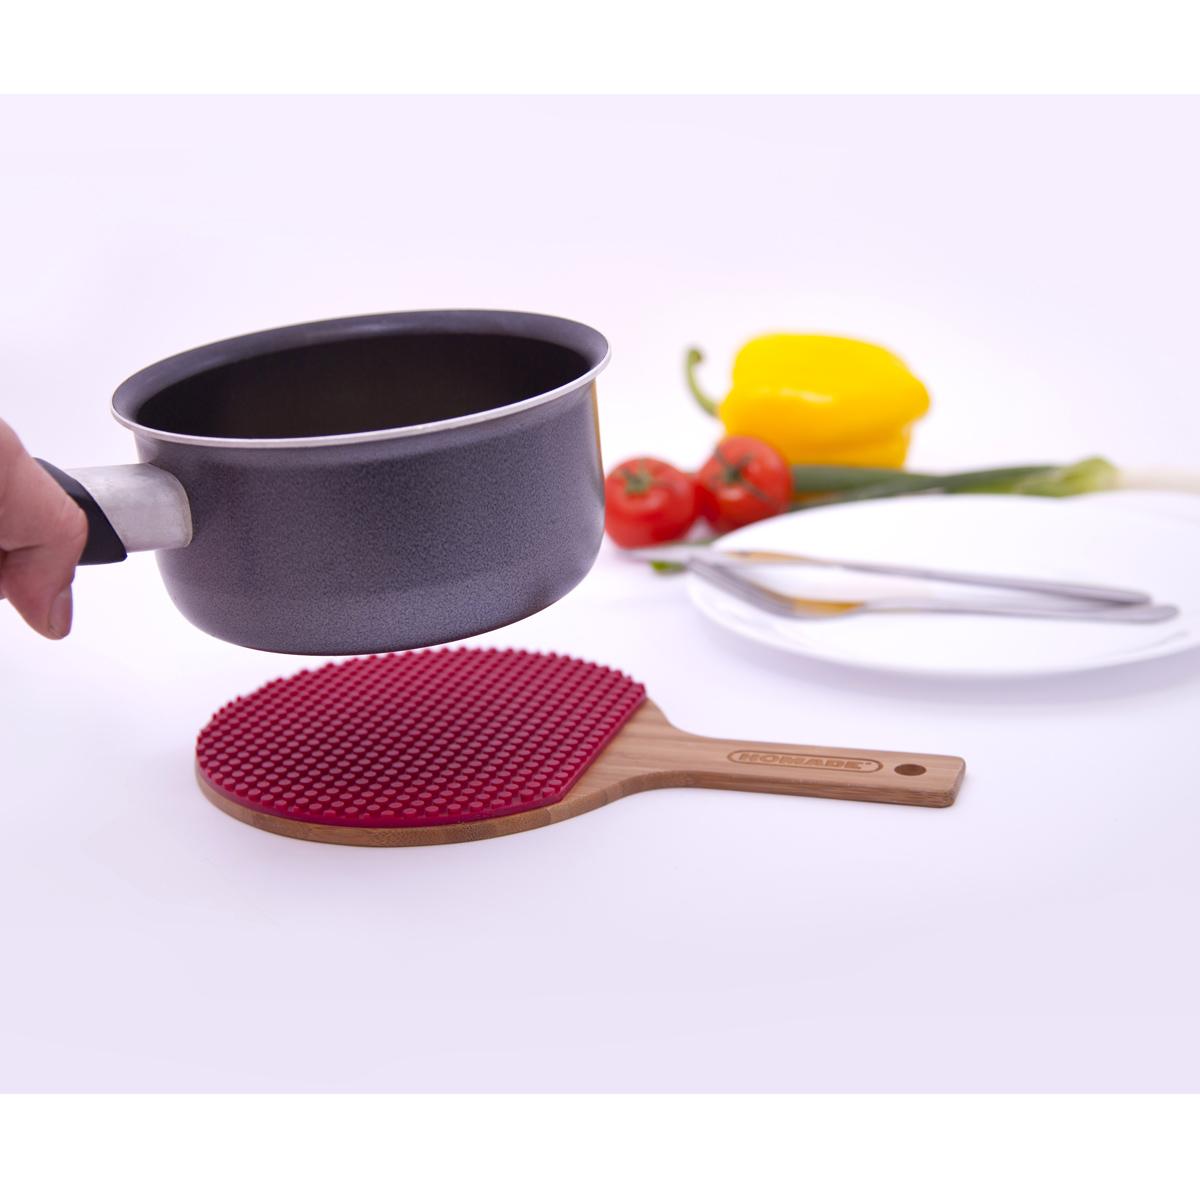 Dessous de plat ping pong achat accessoire cuisine for Achat accessoire cuisine